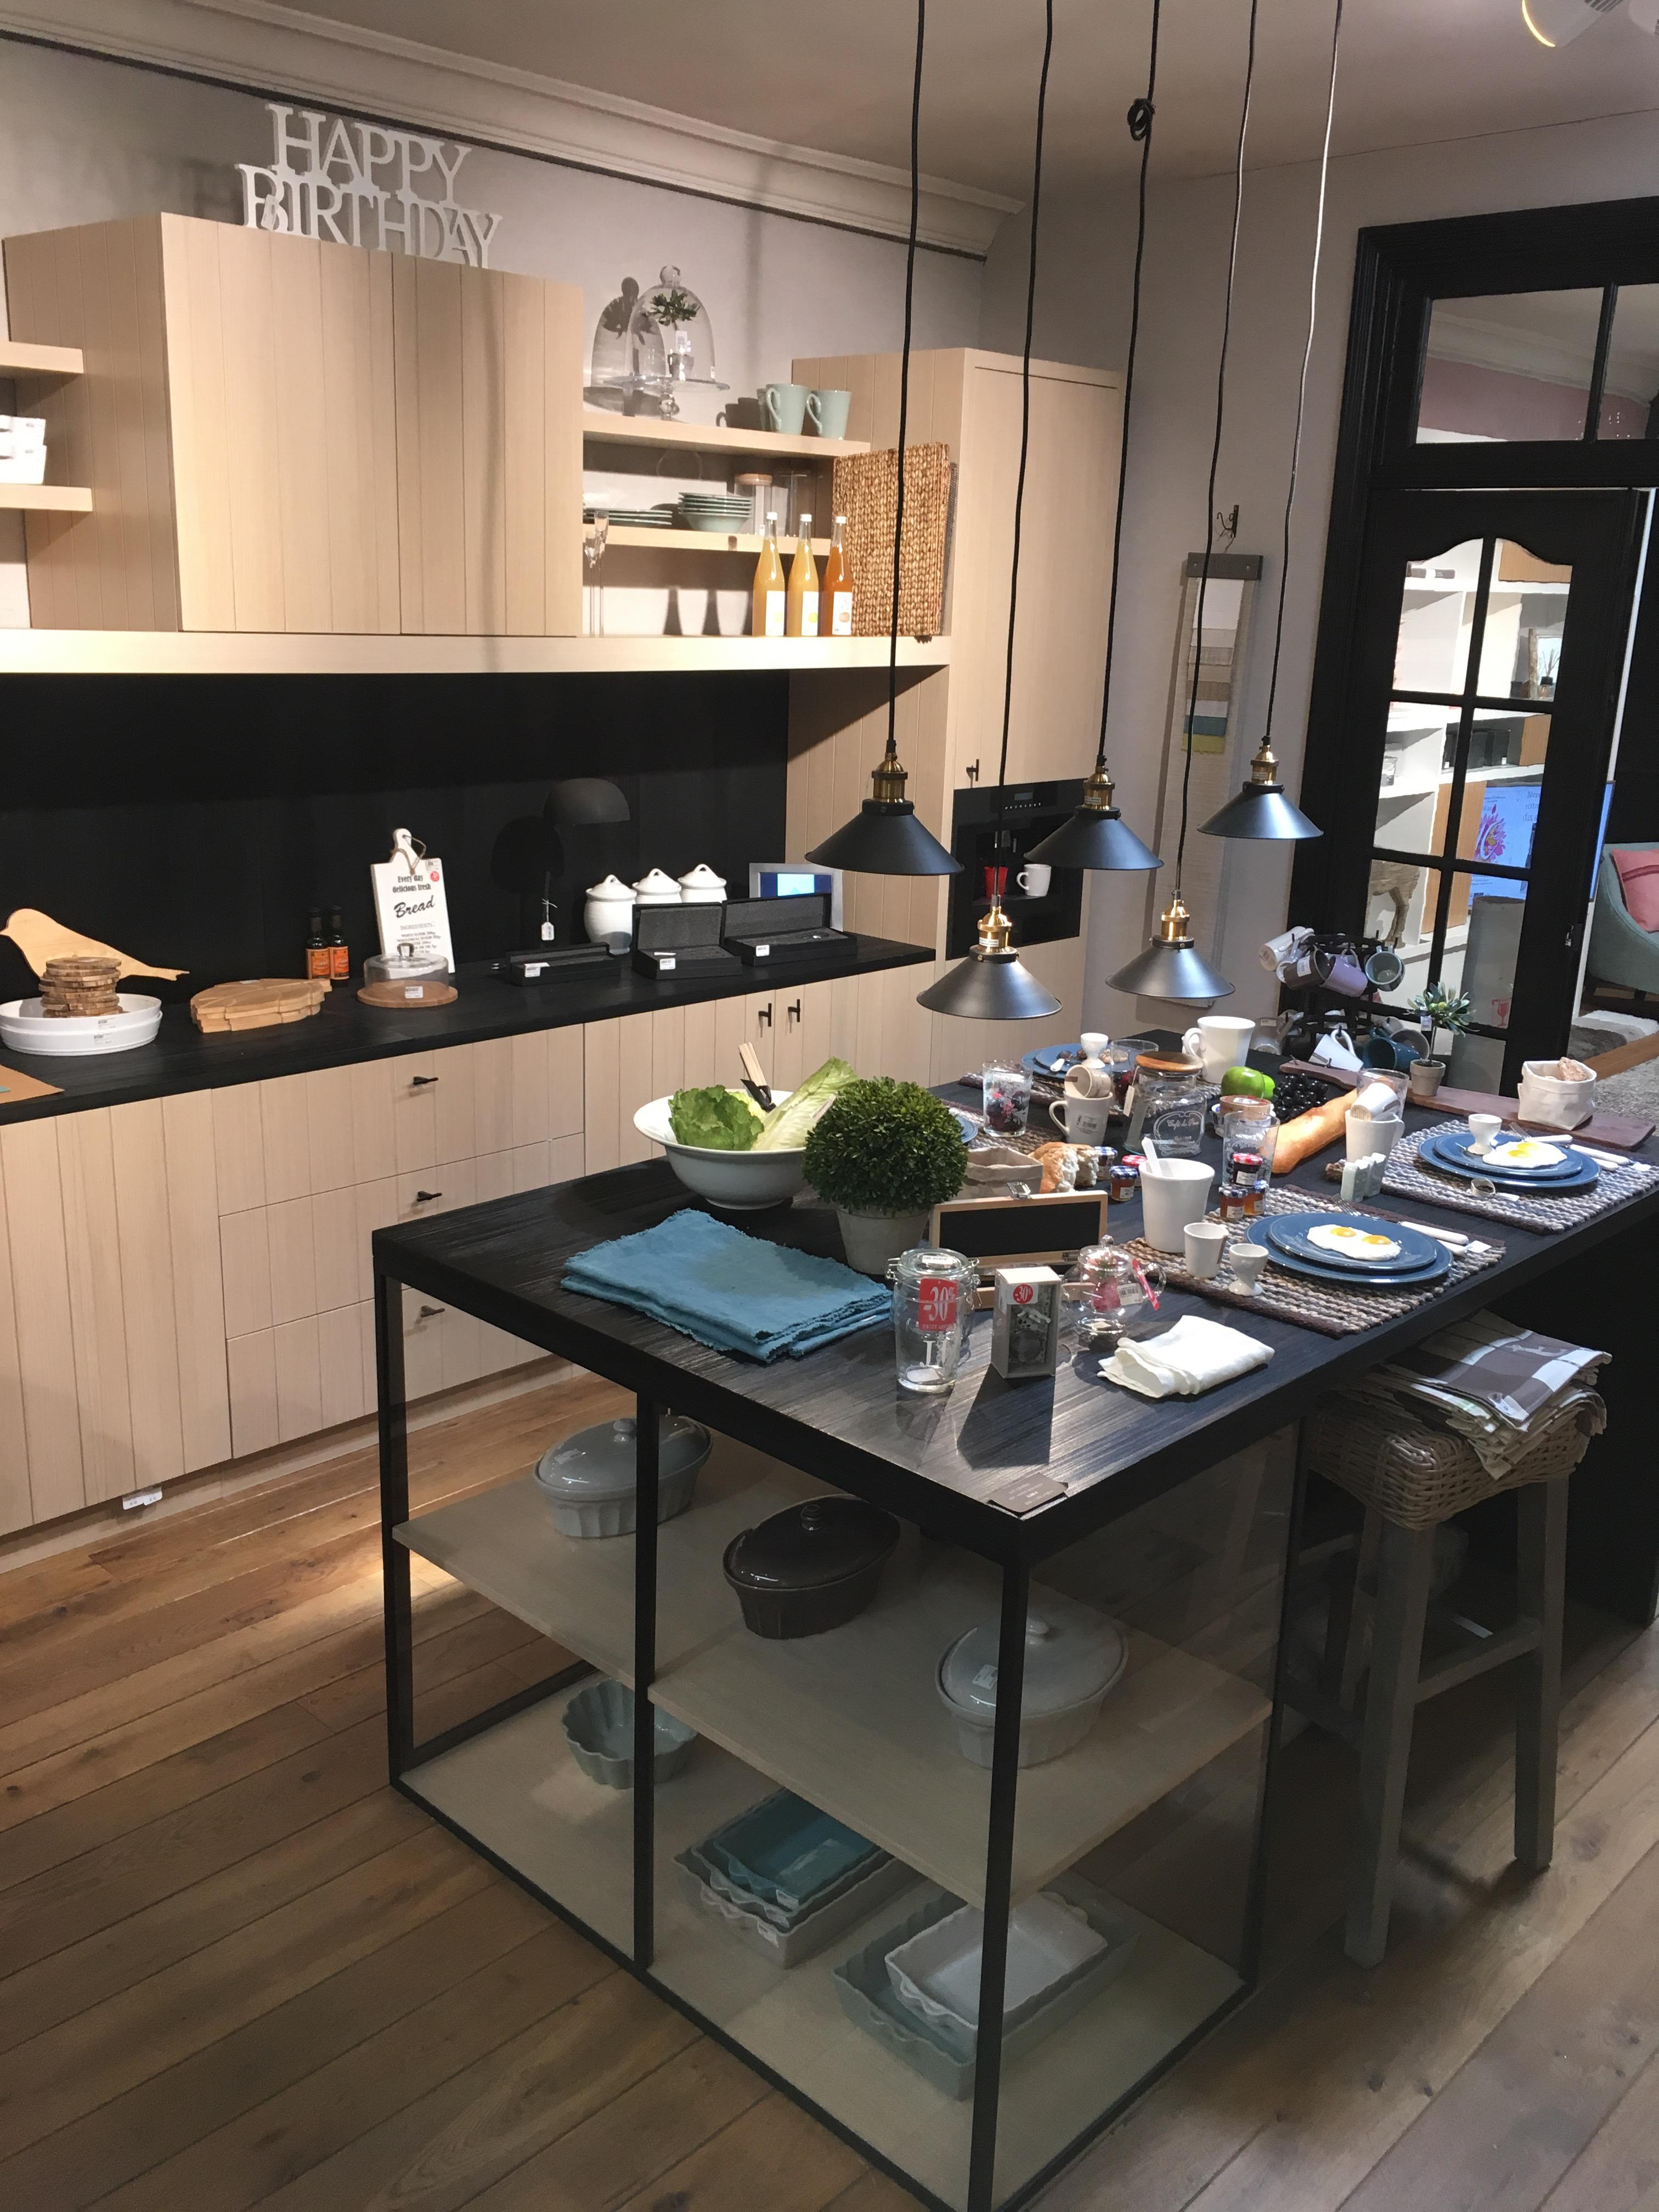 Les cuisines de plaisirs d int rieur plaisirs d 39 int rieur for Plaisir d interieur